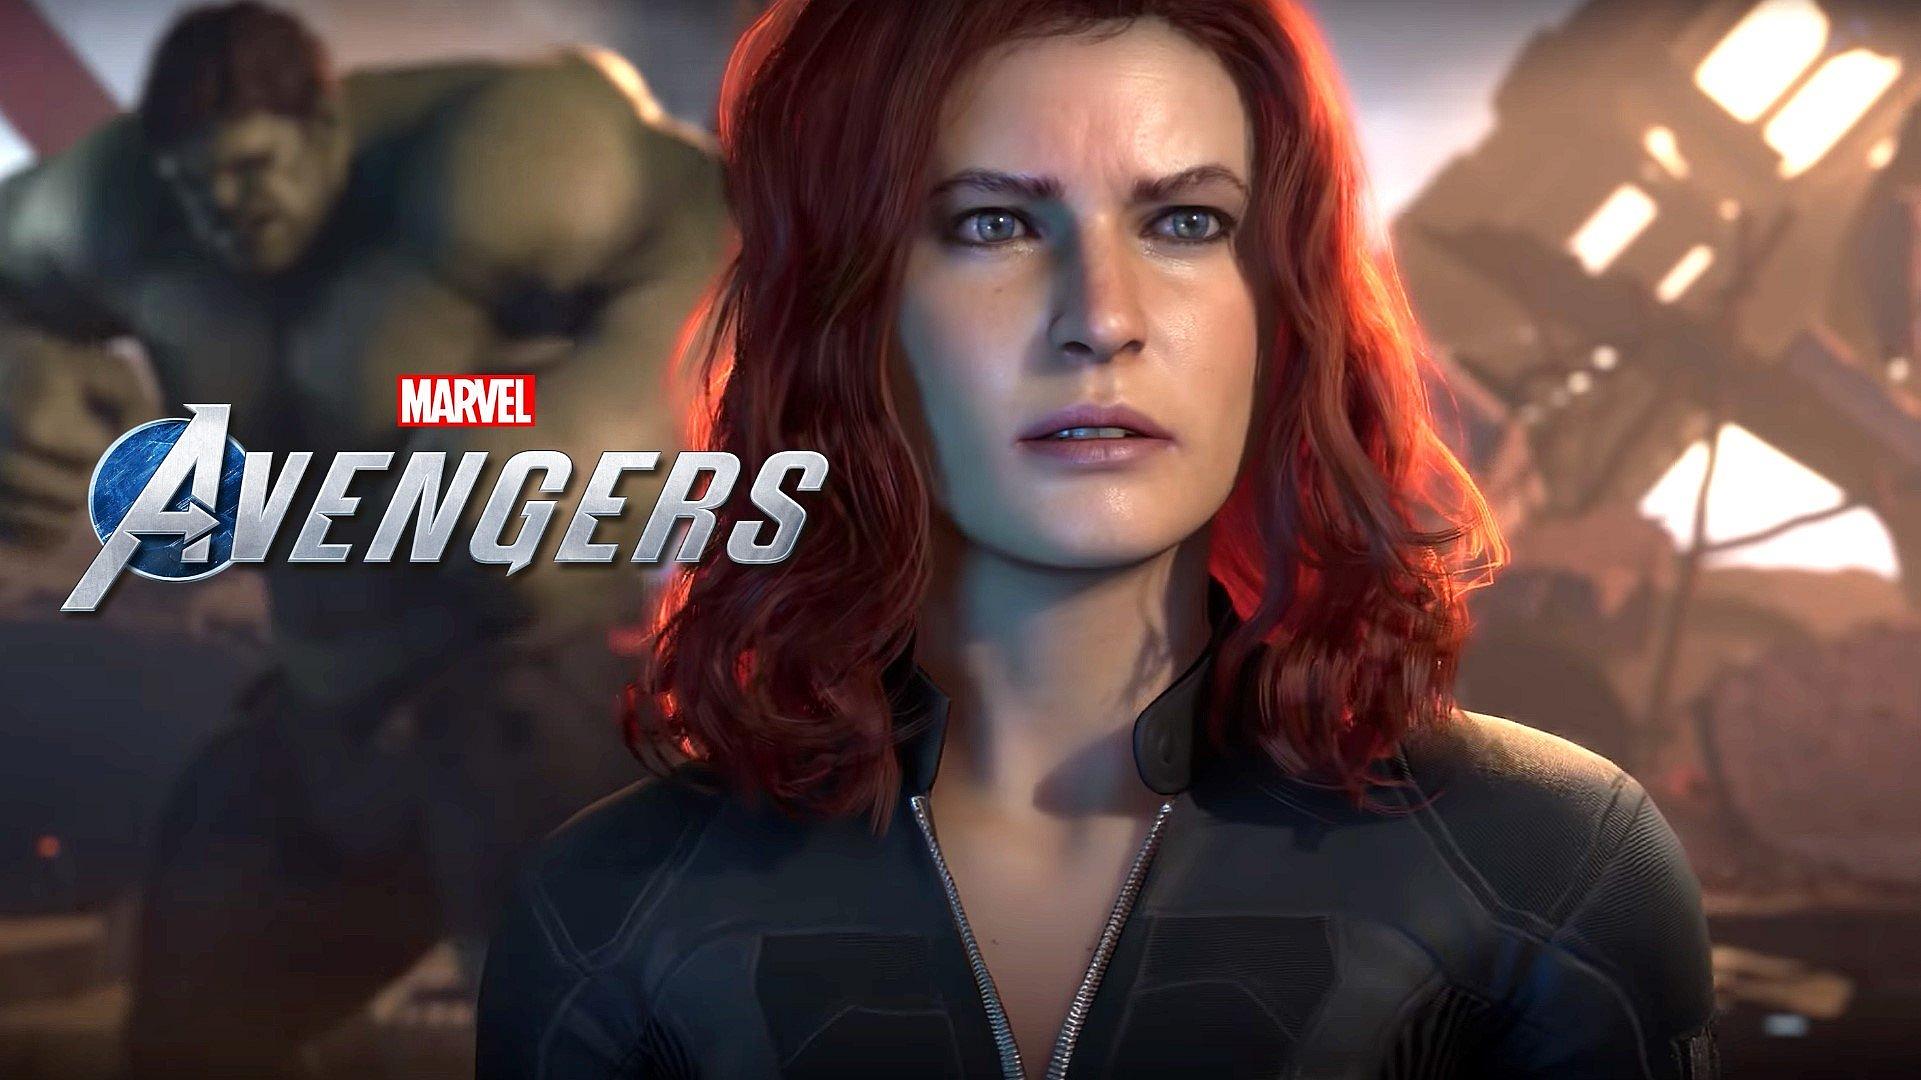 《漫威复仇者联盟》首发将有6个英雄 确认有不同结局